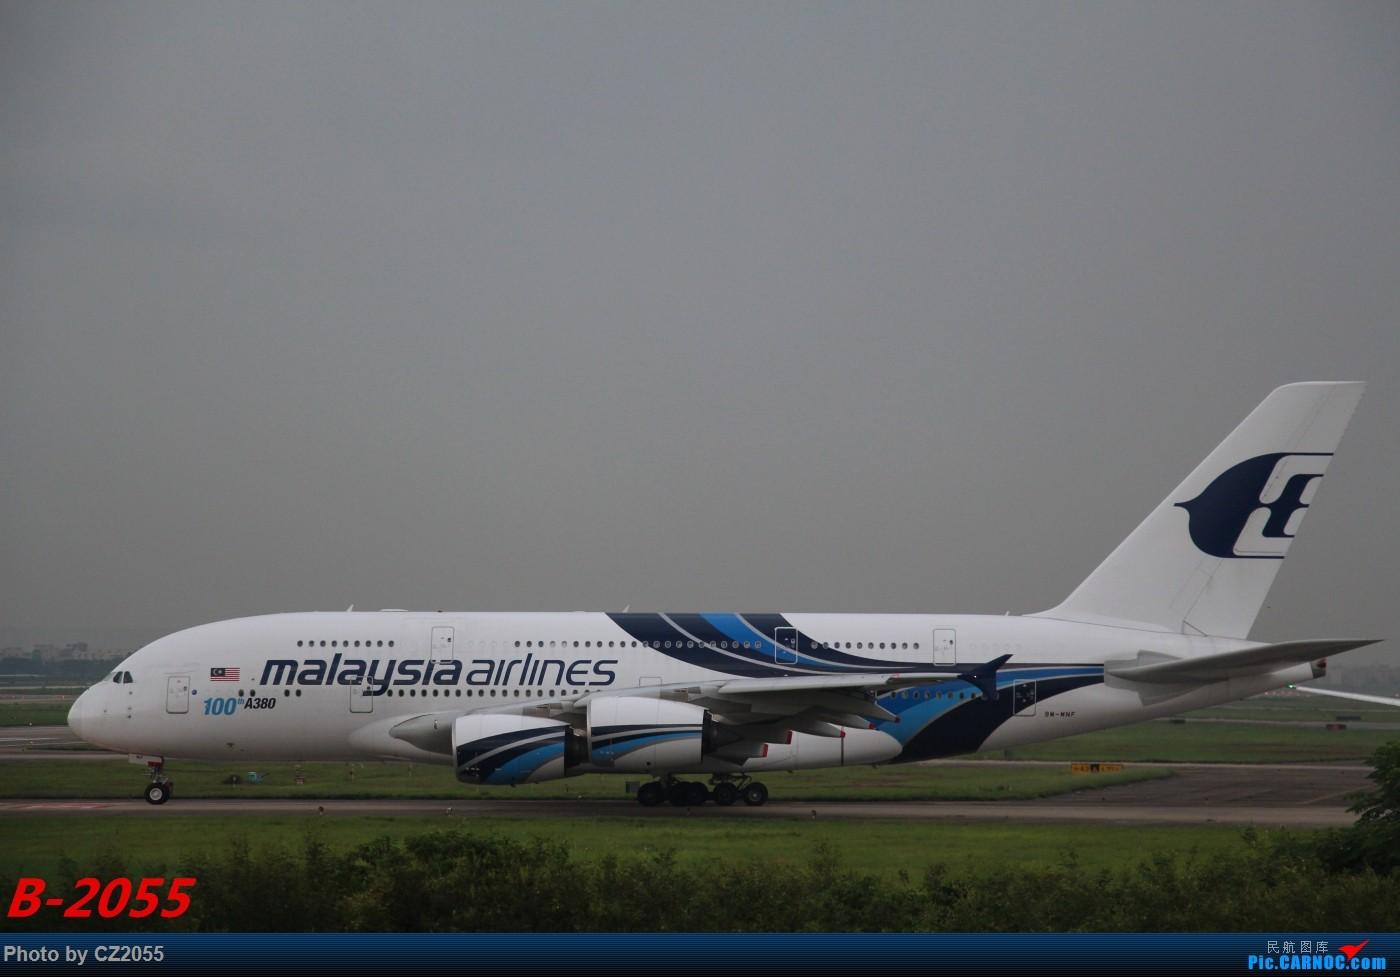 Re:[原创]【广东青少年拍机小队】【C-Z-2055】灰常灰常倒霉的一次拍机! AIRBUS A380-800 9M-MNF 中国广州白云国际机场